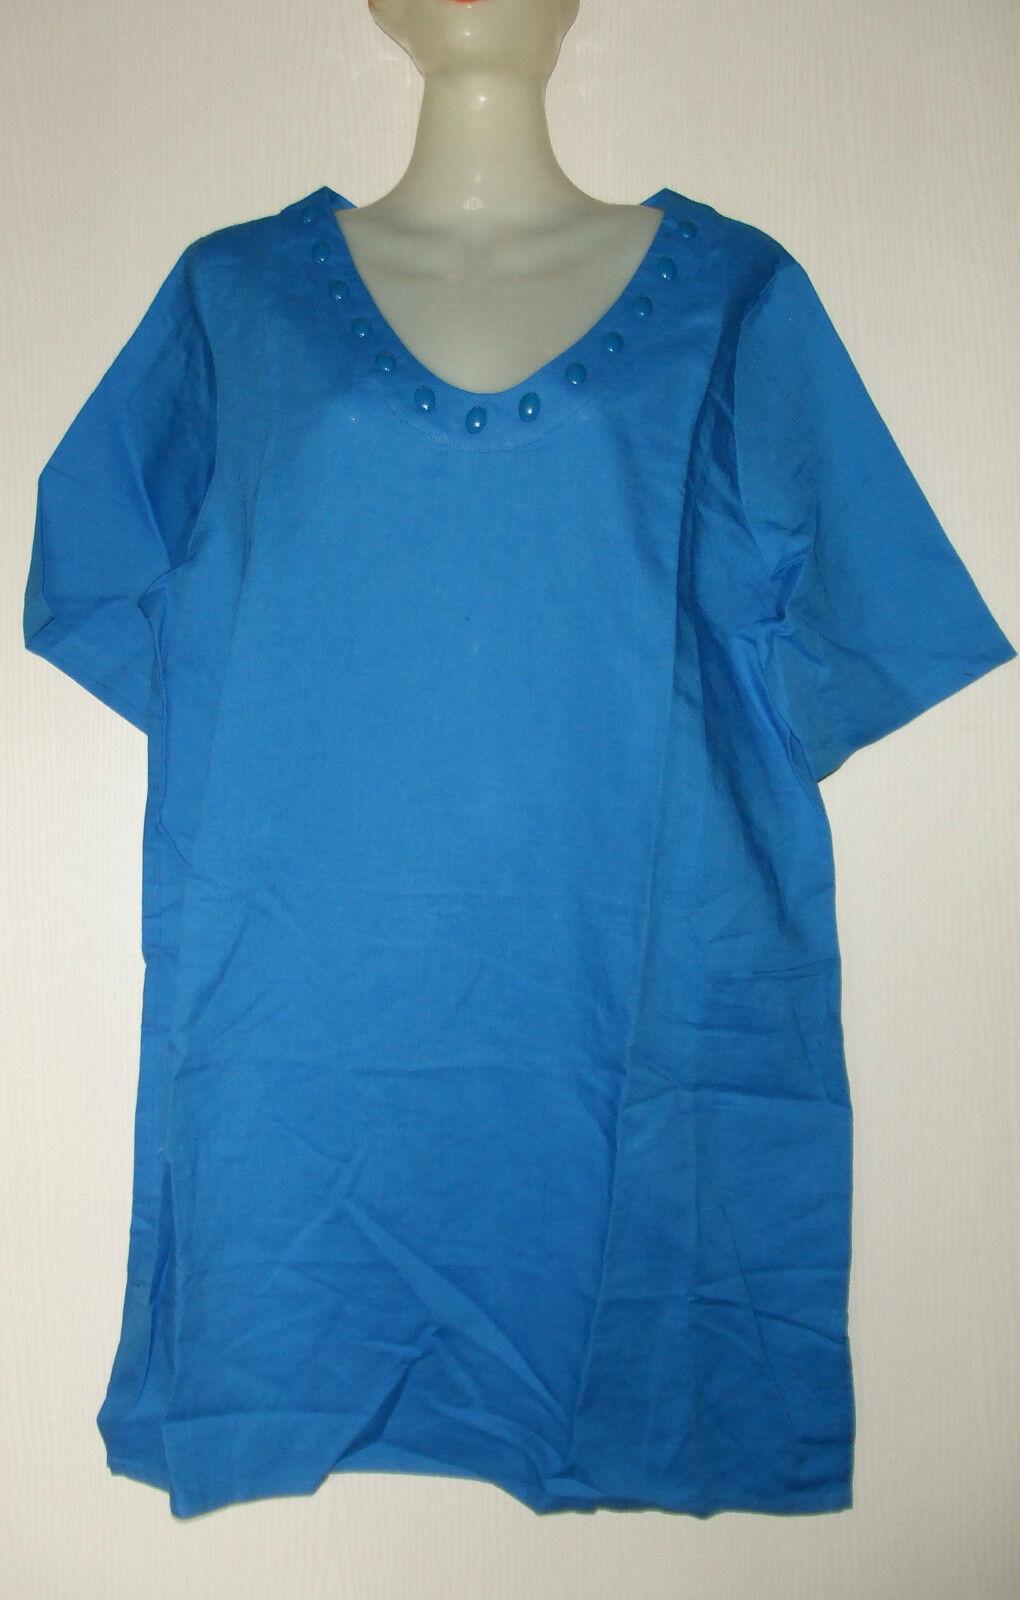 TRIUMPH TUNIQUE DE PLAGE EN LIN LIN LIN ET COTON size FR 44, IT 48 blue 84628b